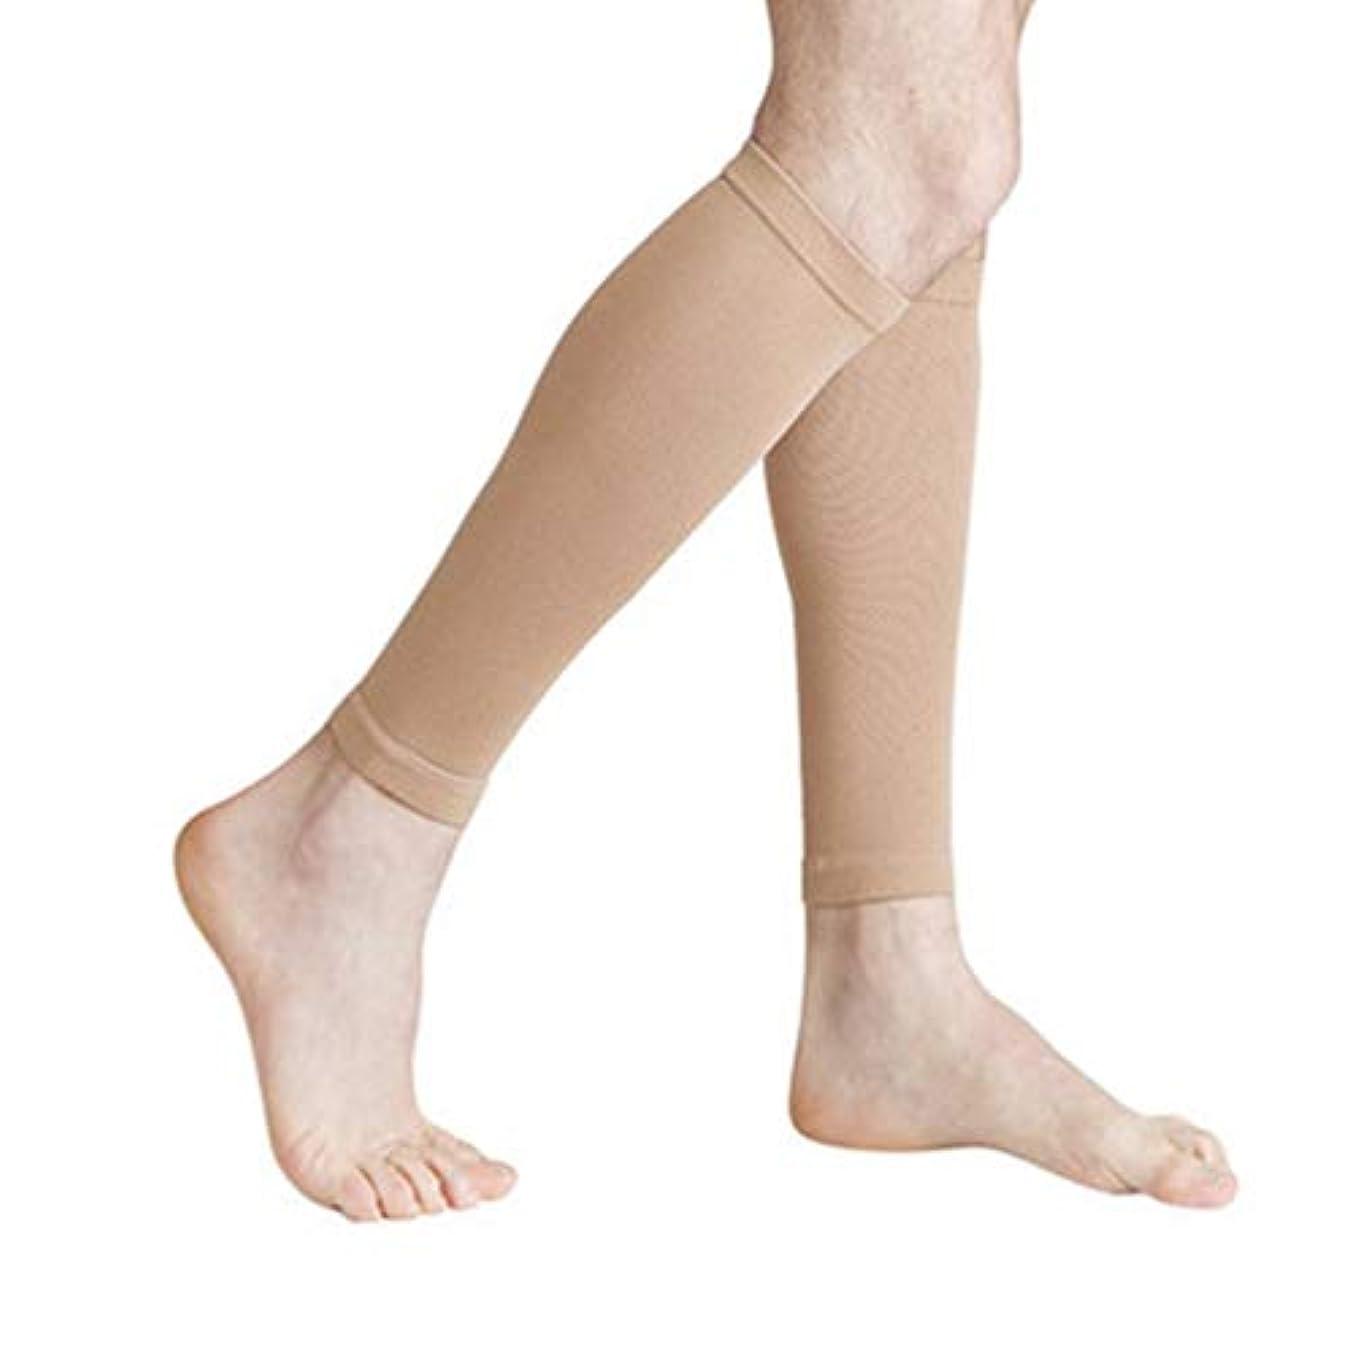 細胞北西批判的に丈夫な男性女性プロの圧縮靴下通気性のある旅行活動看護師用シントスプリントフライトトラベル - 肌色